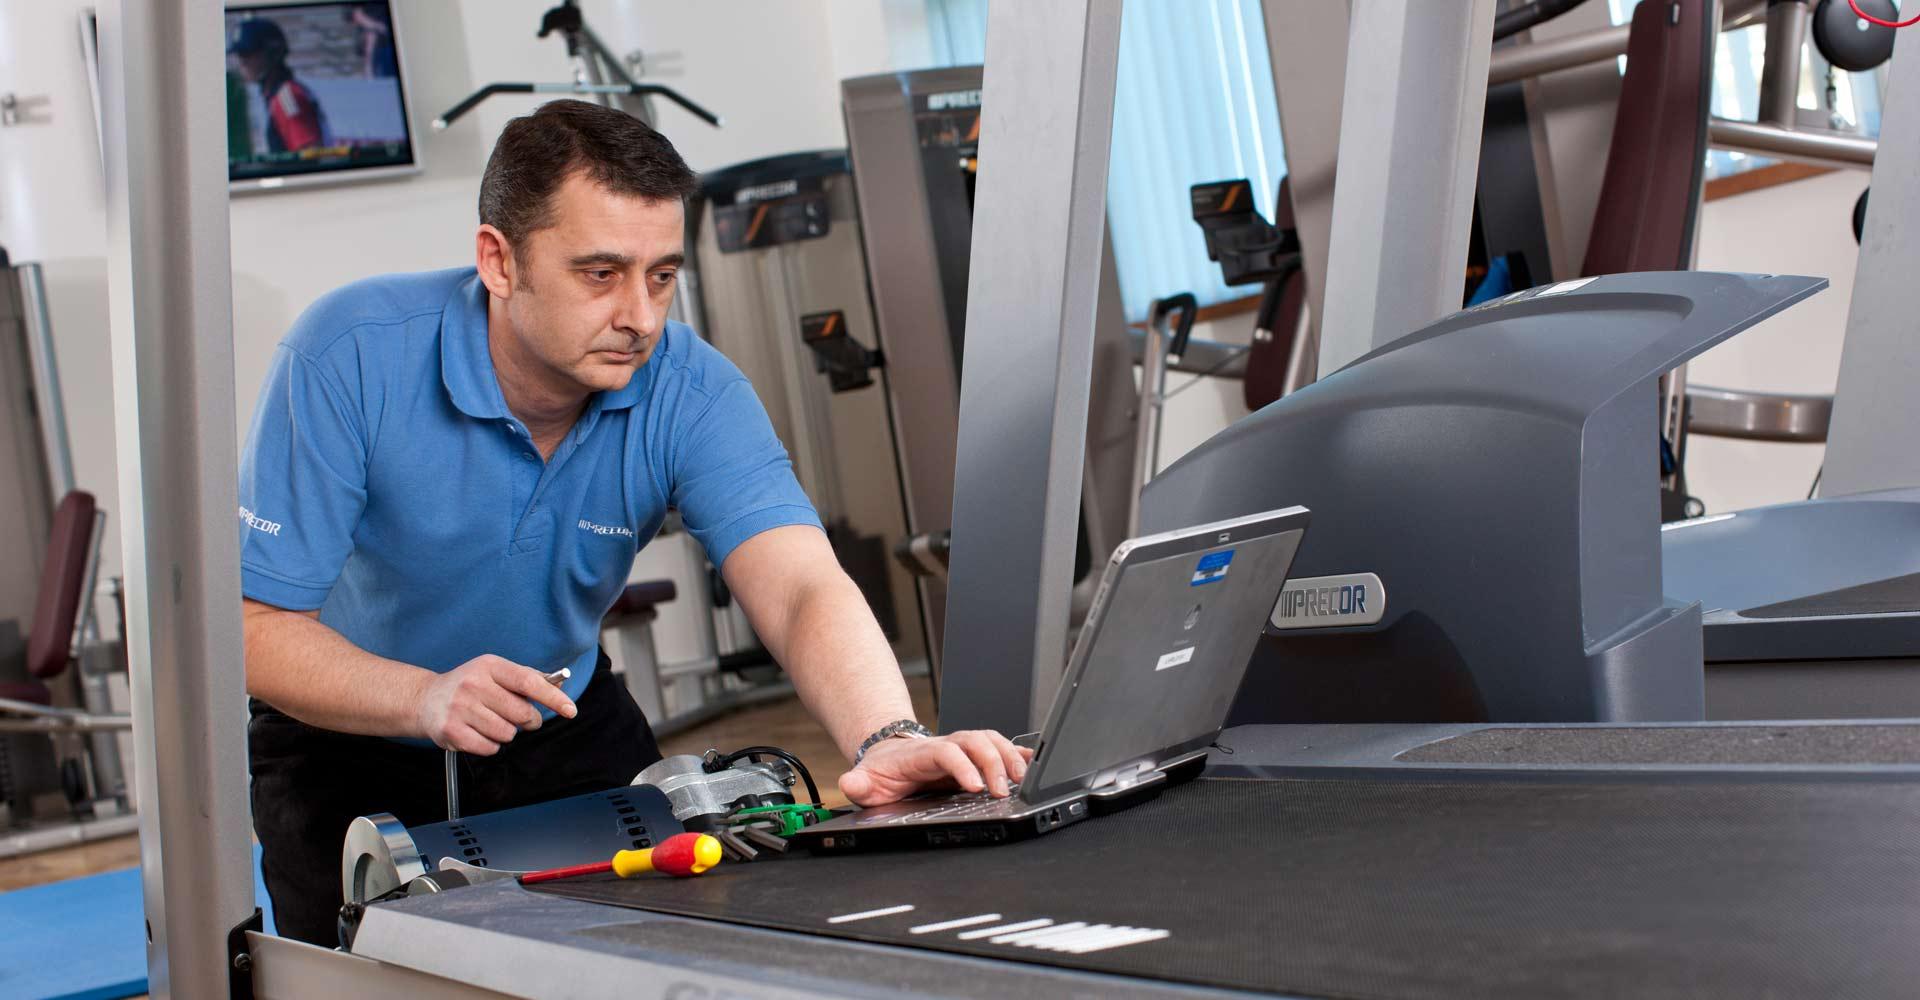 La importancia de tener un buen Servicio Técnico en gimnasios y espacios deportivos